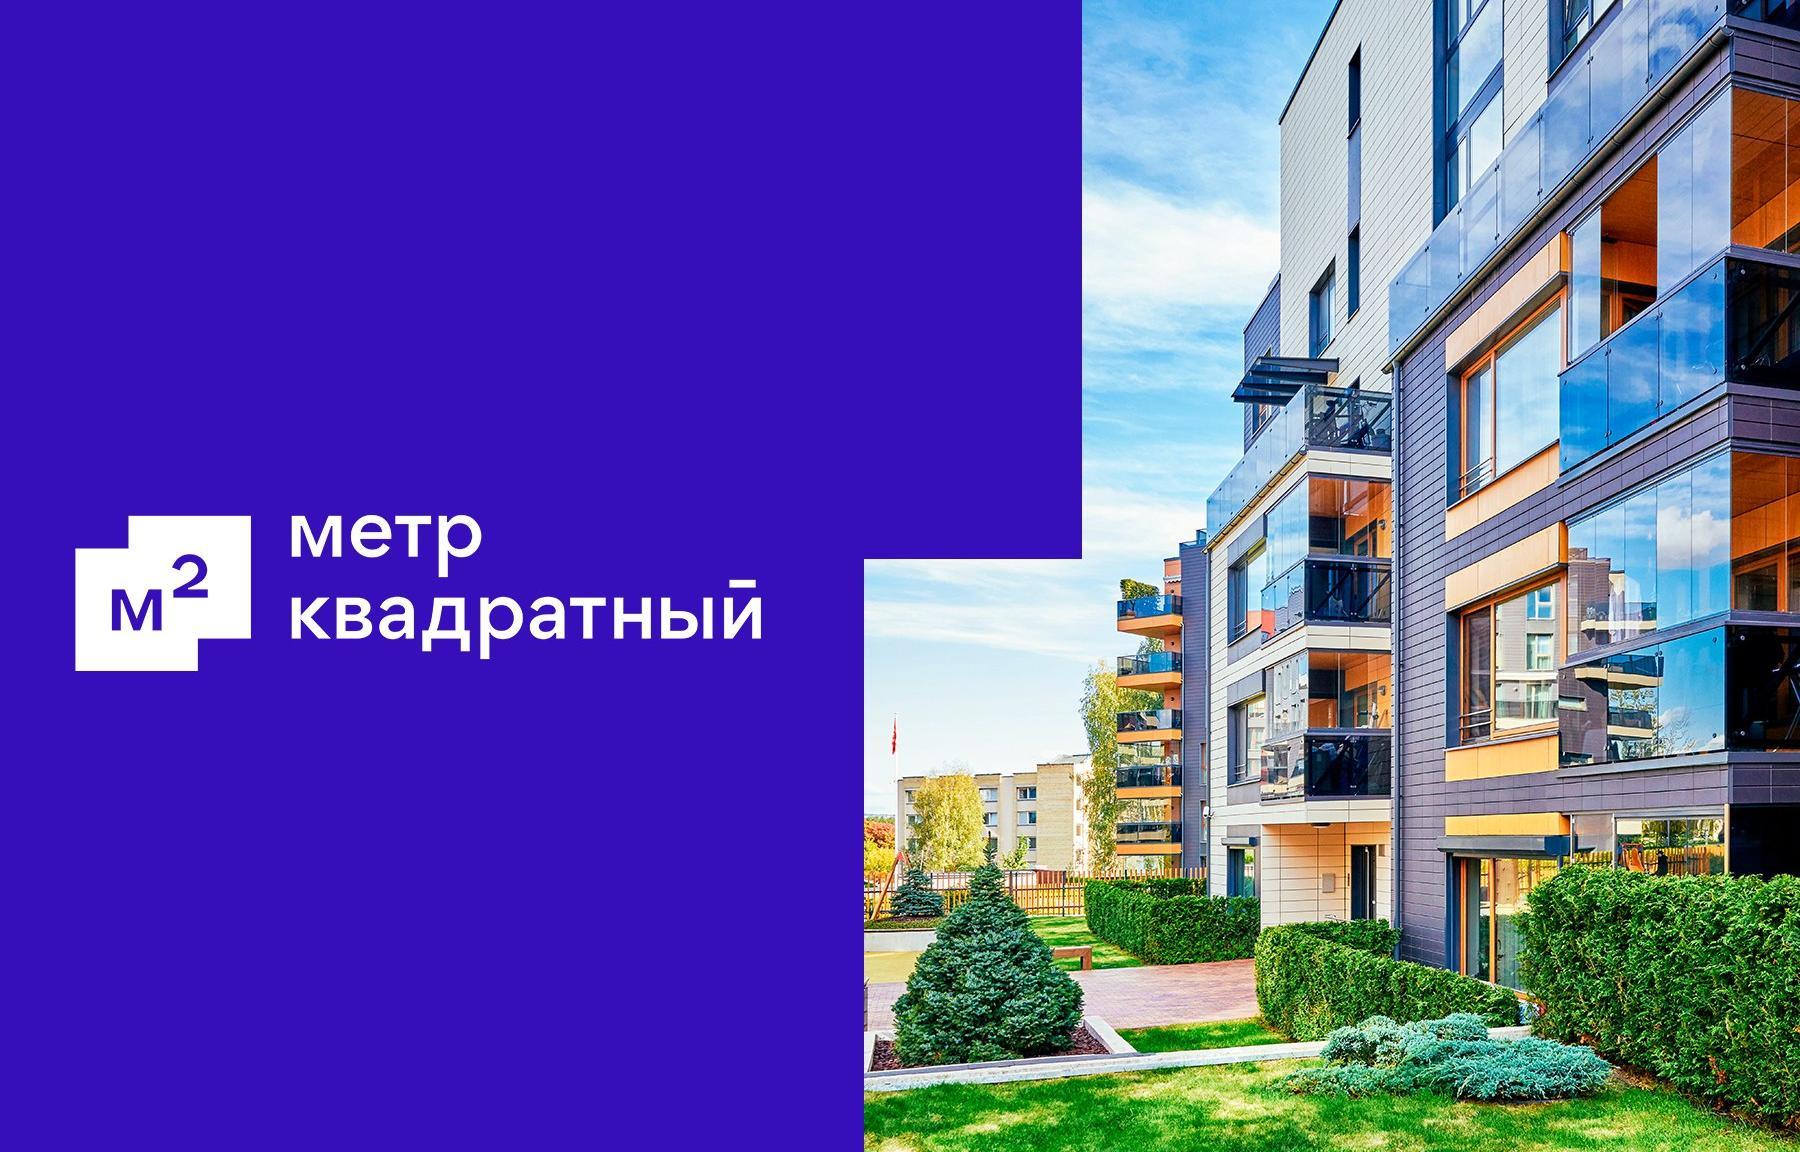 Группа ВТБ запустила удаленное подписание документов для покупки квартиры - новости Афанасий